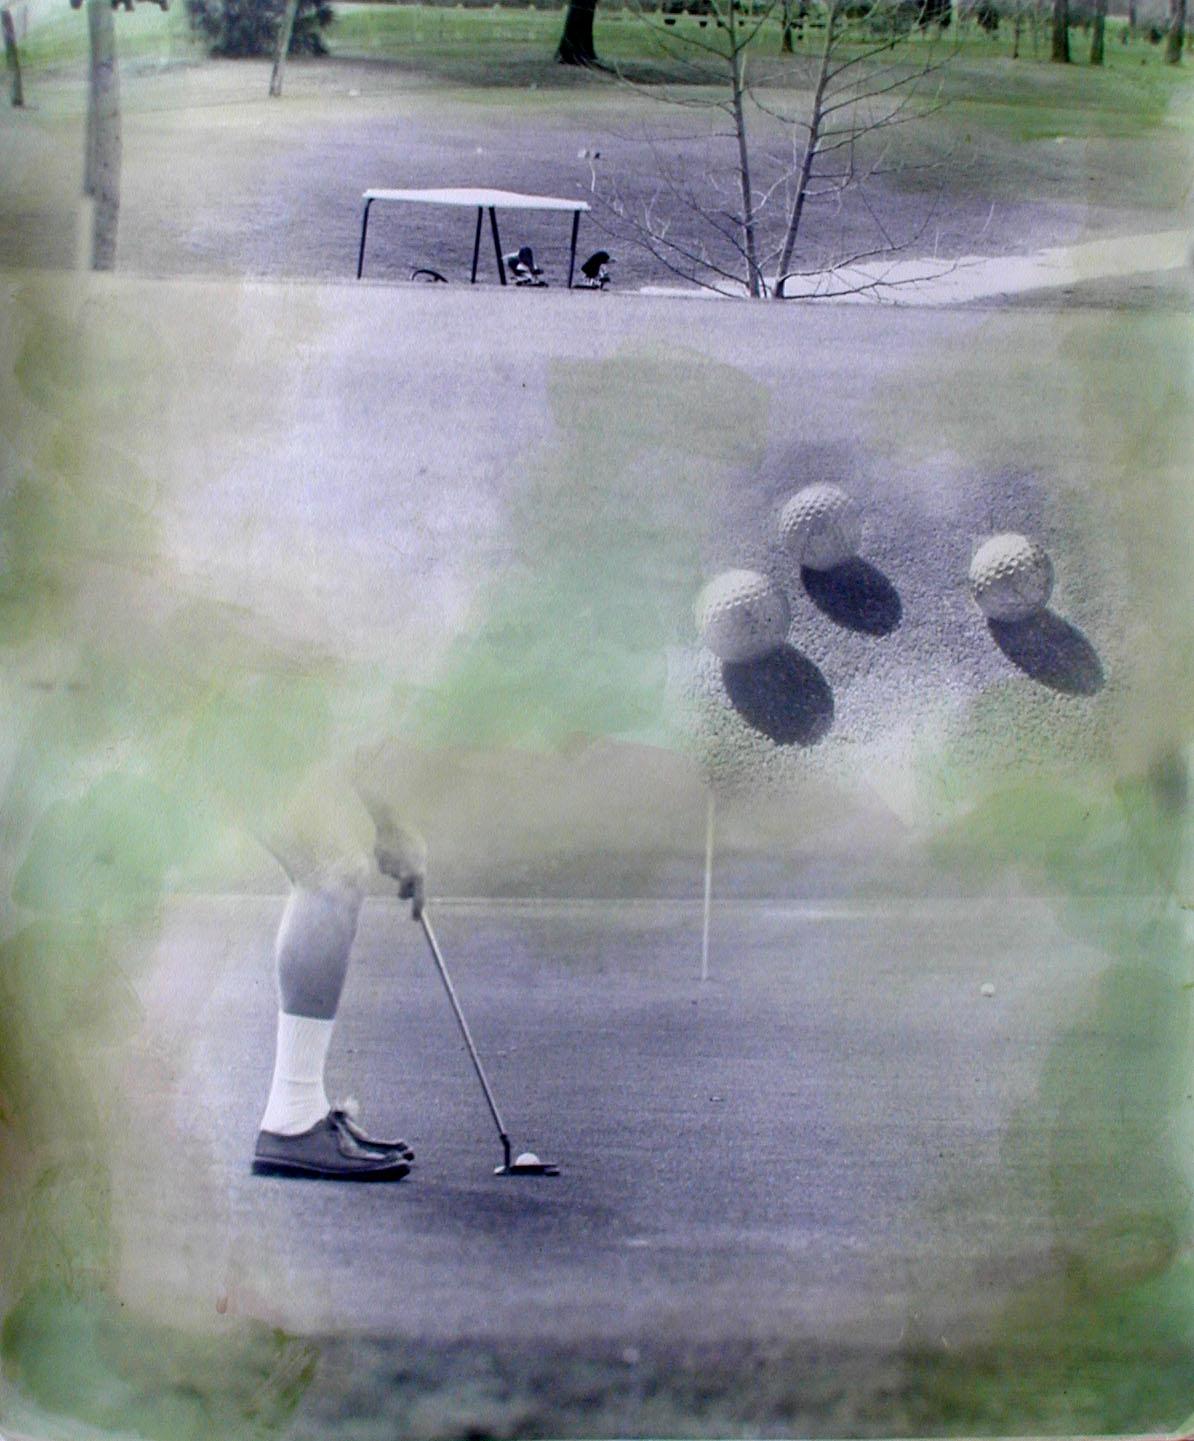 01 Golf III tiff 20 x 16 in.jpg